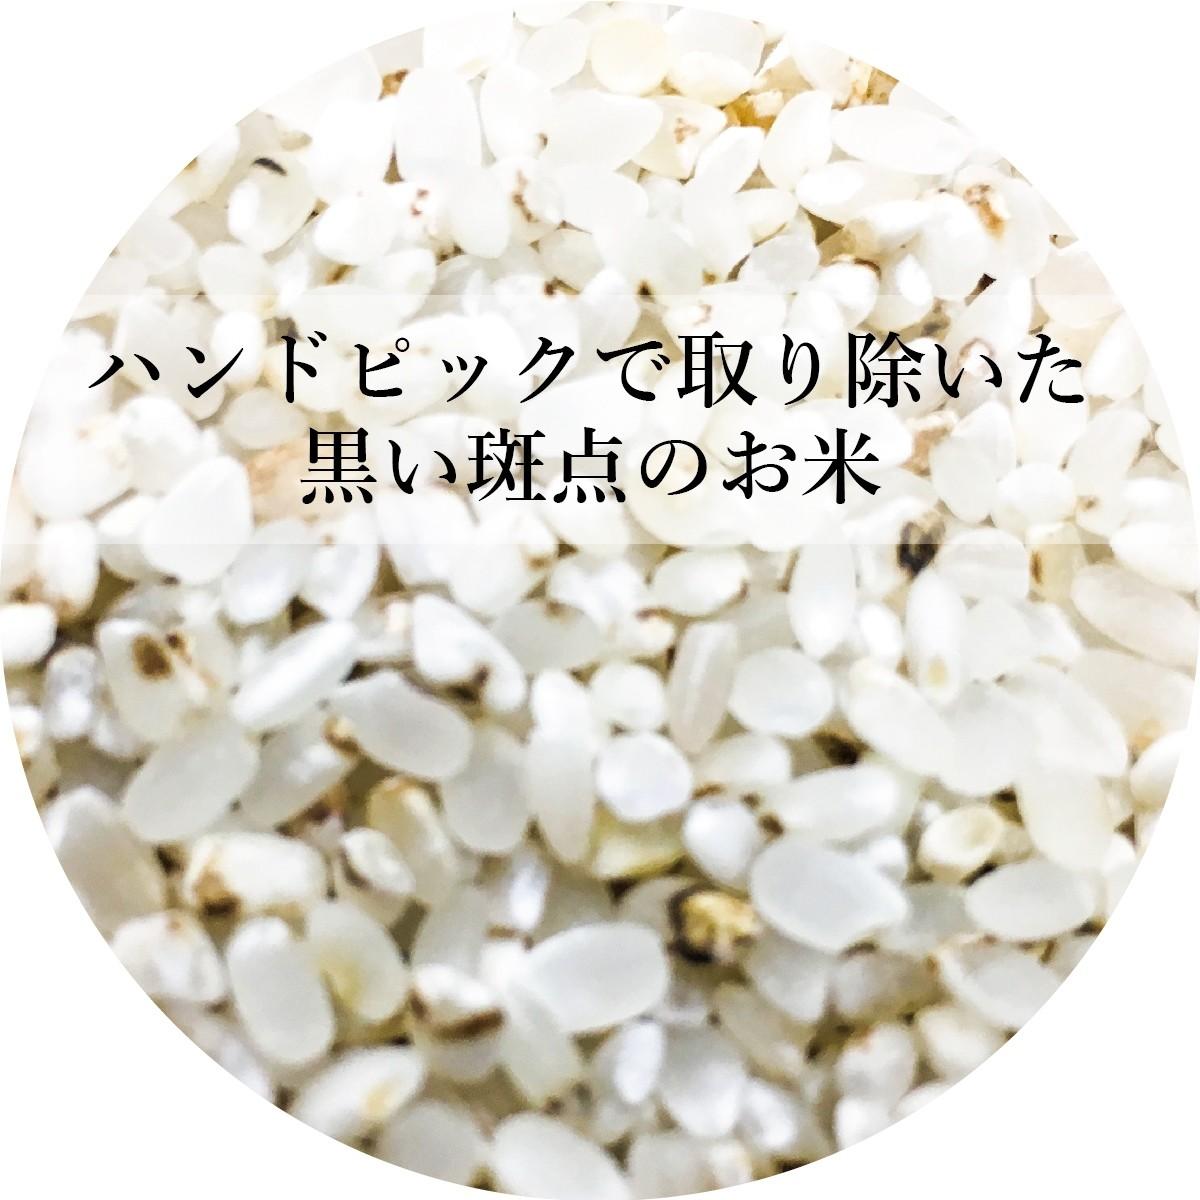 国産有機栽培米